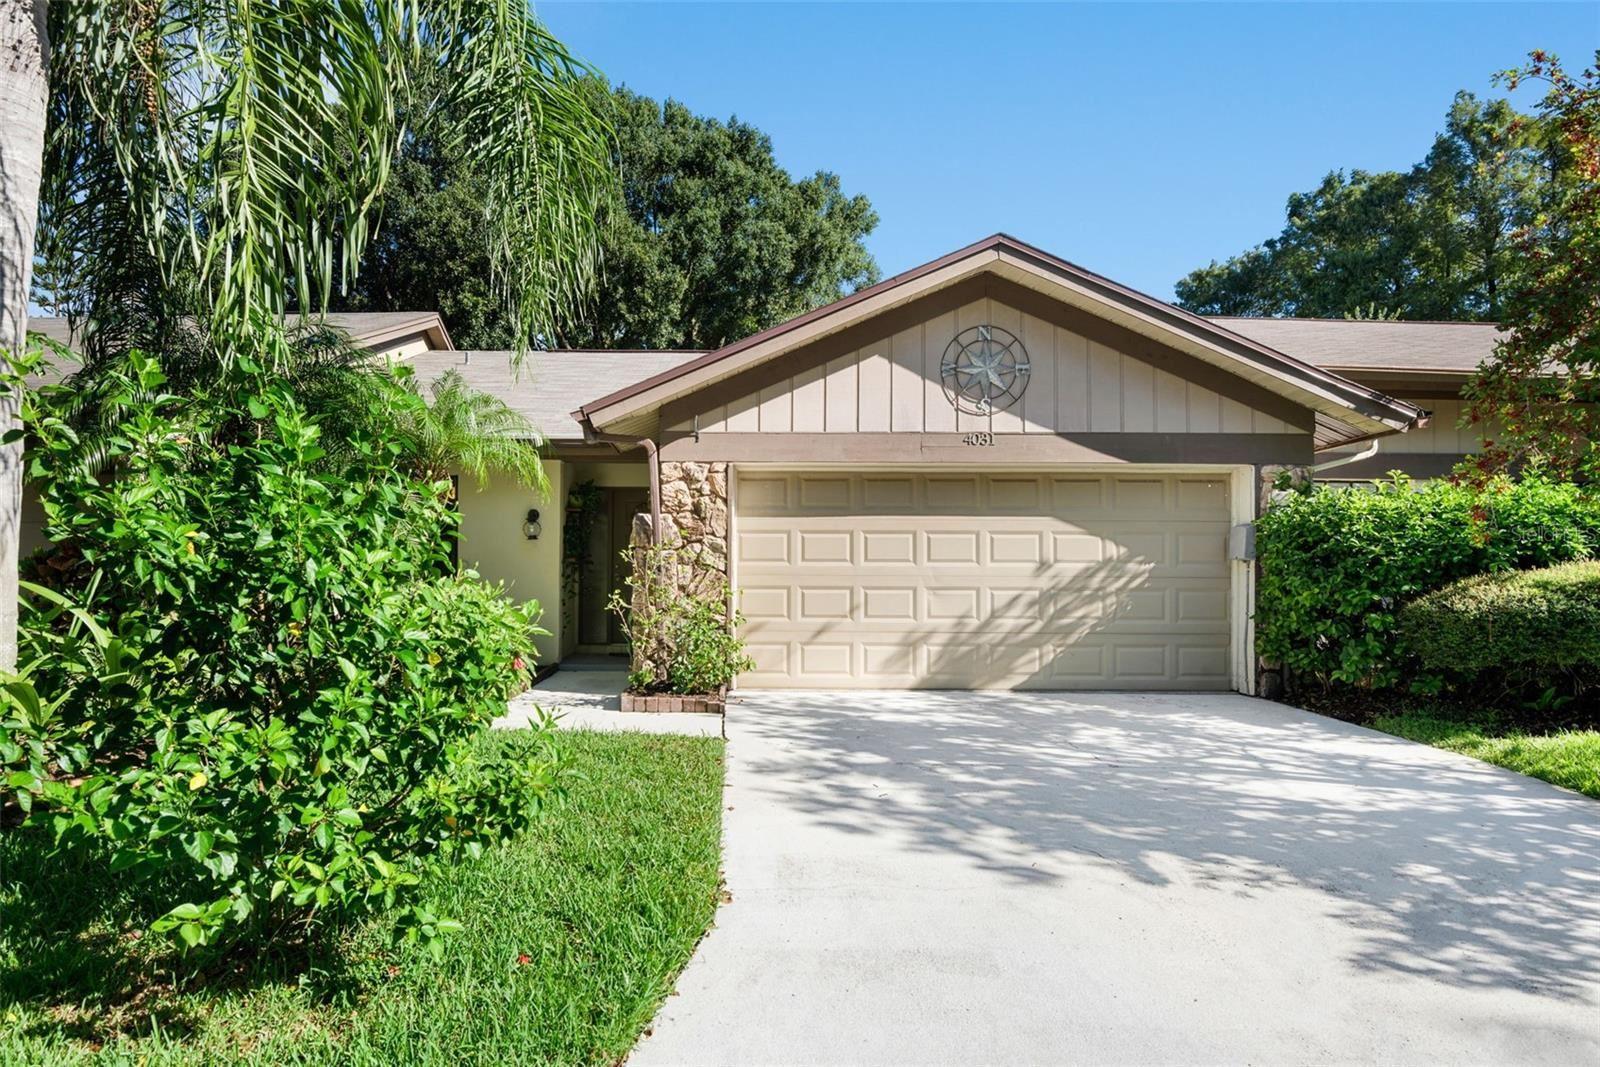 4031 SHORESIDE CIRCLE, Tampa, FL 33624 - MLS#: T3330843